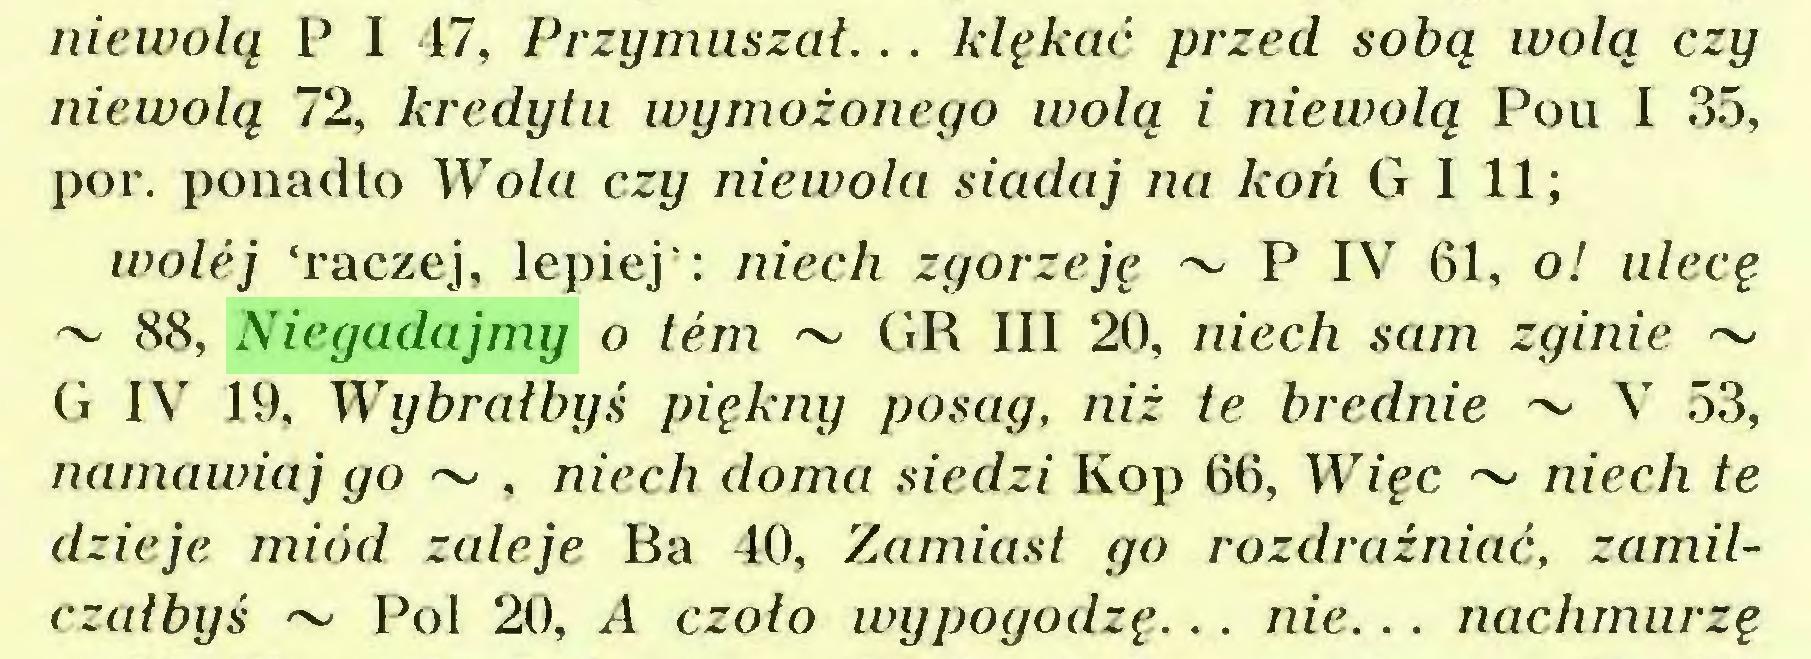 (...) niewolą P I 17, Przymuszał... klękać przed sobą wolą czy niewolą 72, kredytu wymożonego wolą i niewolą Pou I 35, por. ponadto Wola czy niewola siadaj na koń G I 11; wolej 'raczej, lepiej': niech zgorzeję ~ P IV 61, o! ulecę ~ 88, Niegadajmy o tern ~ GR III 20, niech sam zginie ~ G IV 19, Wybrałbyś piękny posag, niż te brednie ~ V 53, namawiaj go ~ , niech doma siedzi Kop 66, Więc ~ niech te dzieje miód zaleje Ba 40, Zamiast go rozdrażniać, zamilczałbyś ~ Pol 20, A czoło wypogodzę... nie... nachmurzę...